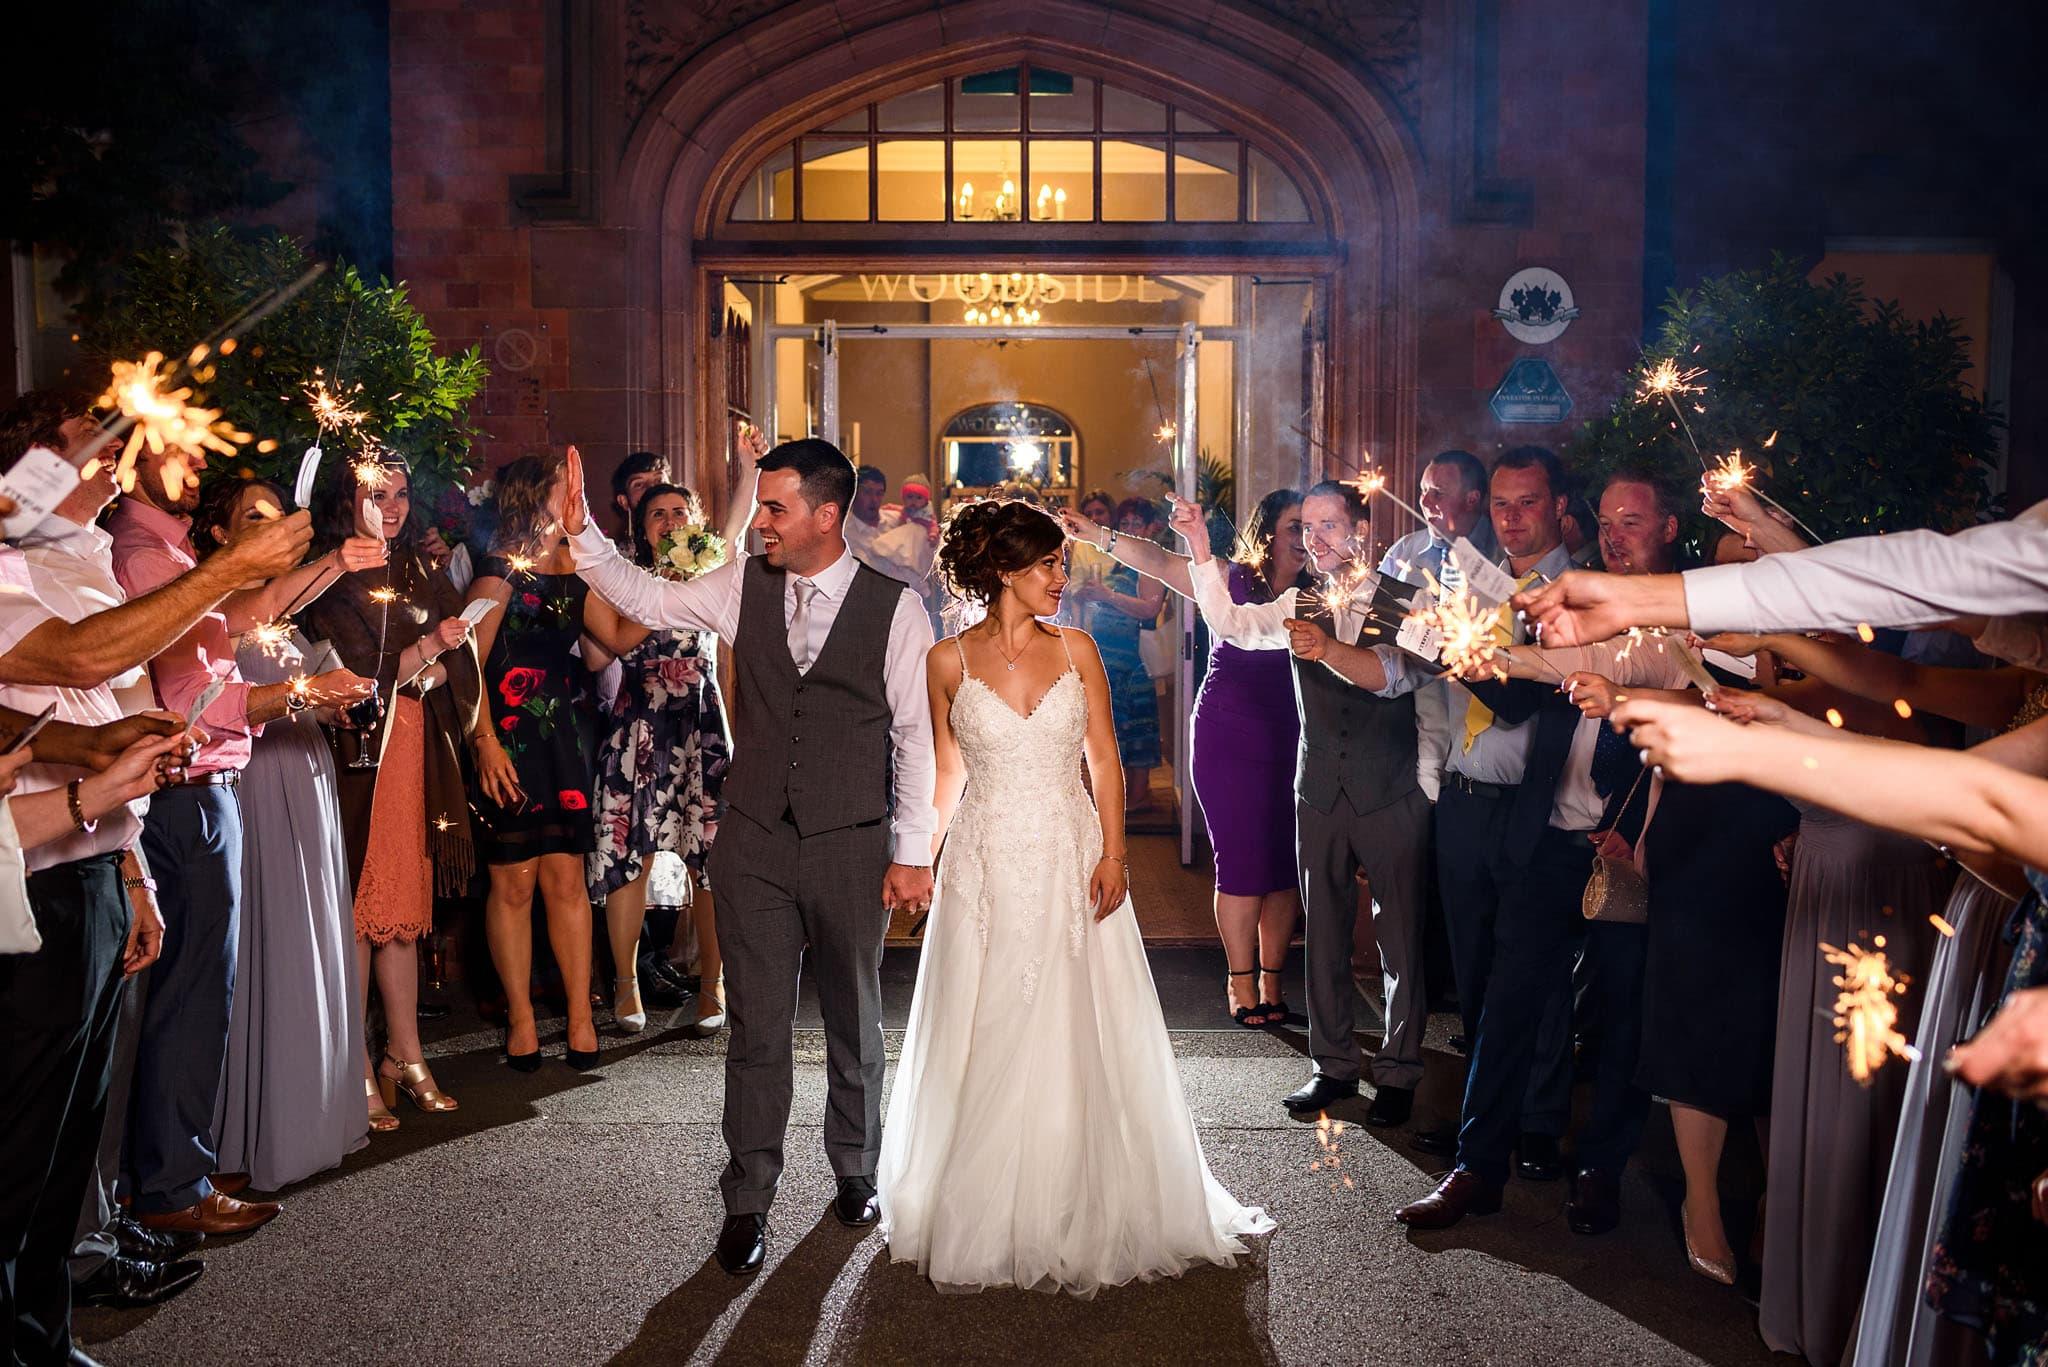 Woodside kenilworth wedding